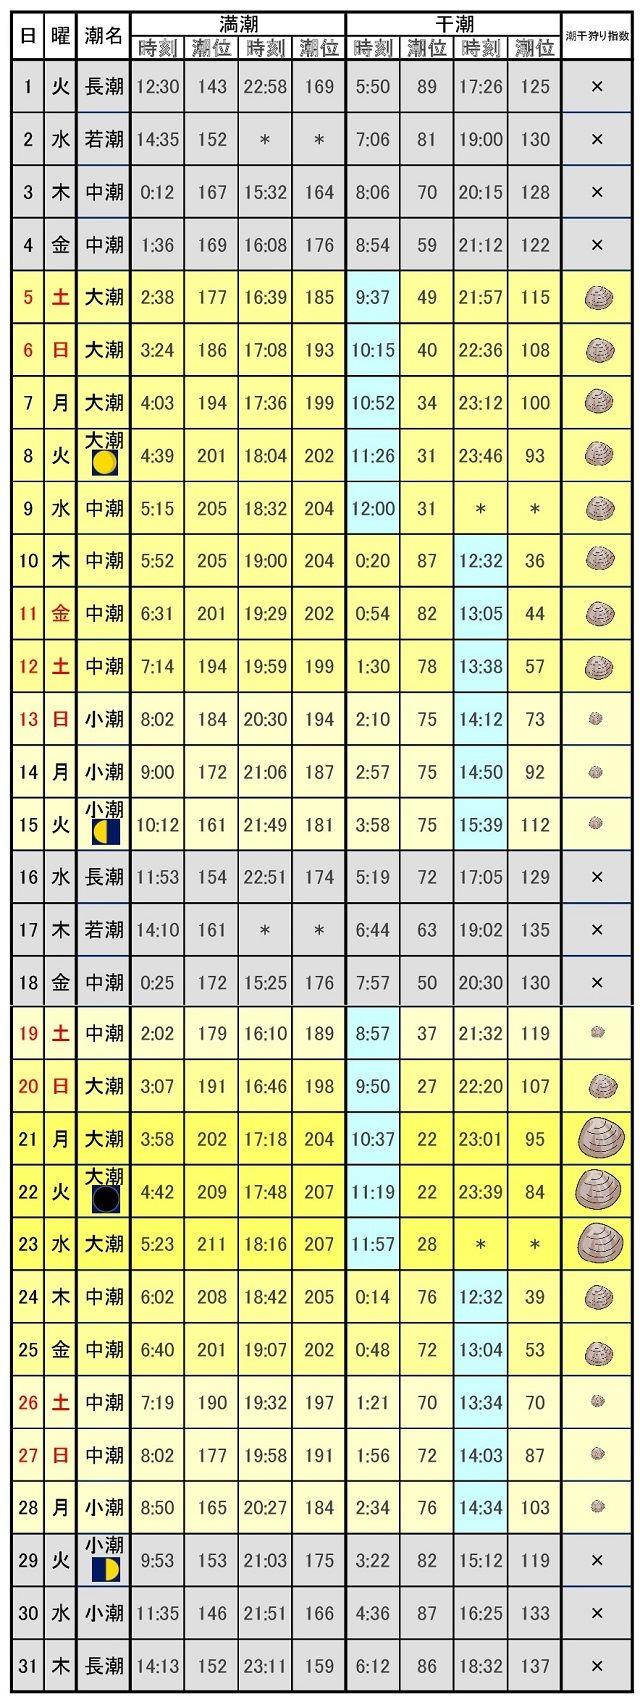 千葉潮干狩りカレンダー2017年8月